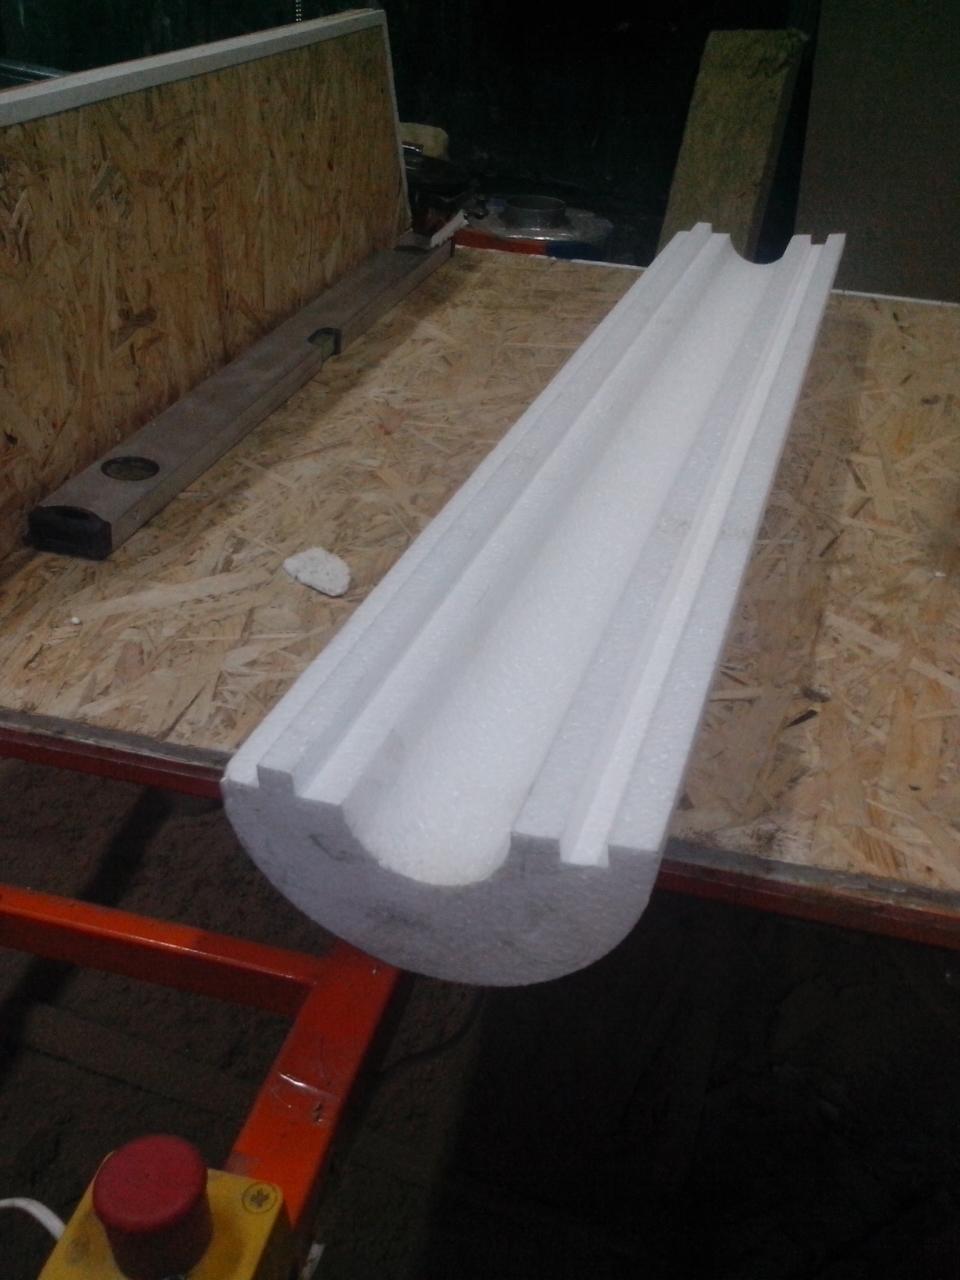 Утеплитель из пенопласта (пенополистирола) для труб Ø 121 мм толщиной 80 мм